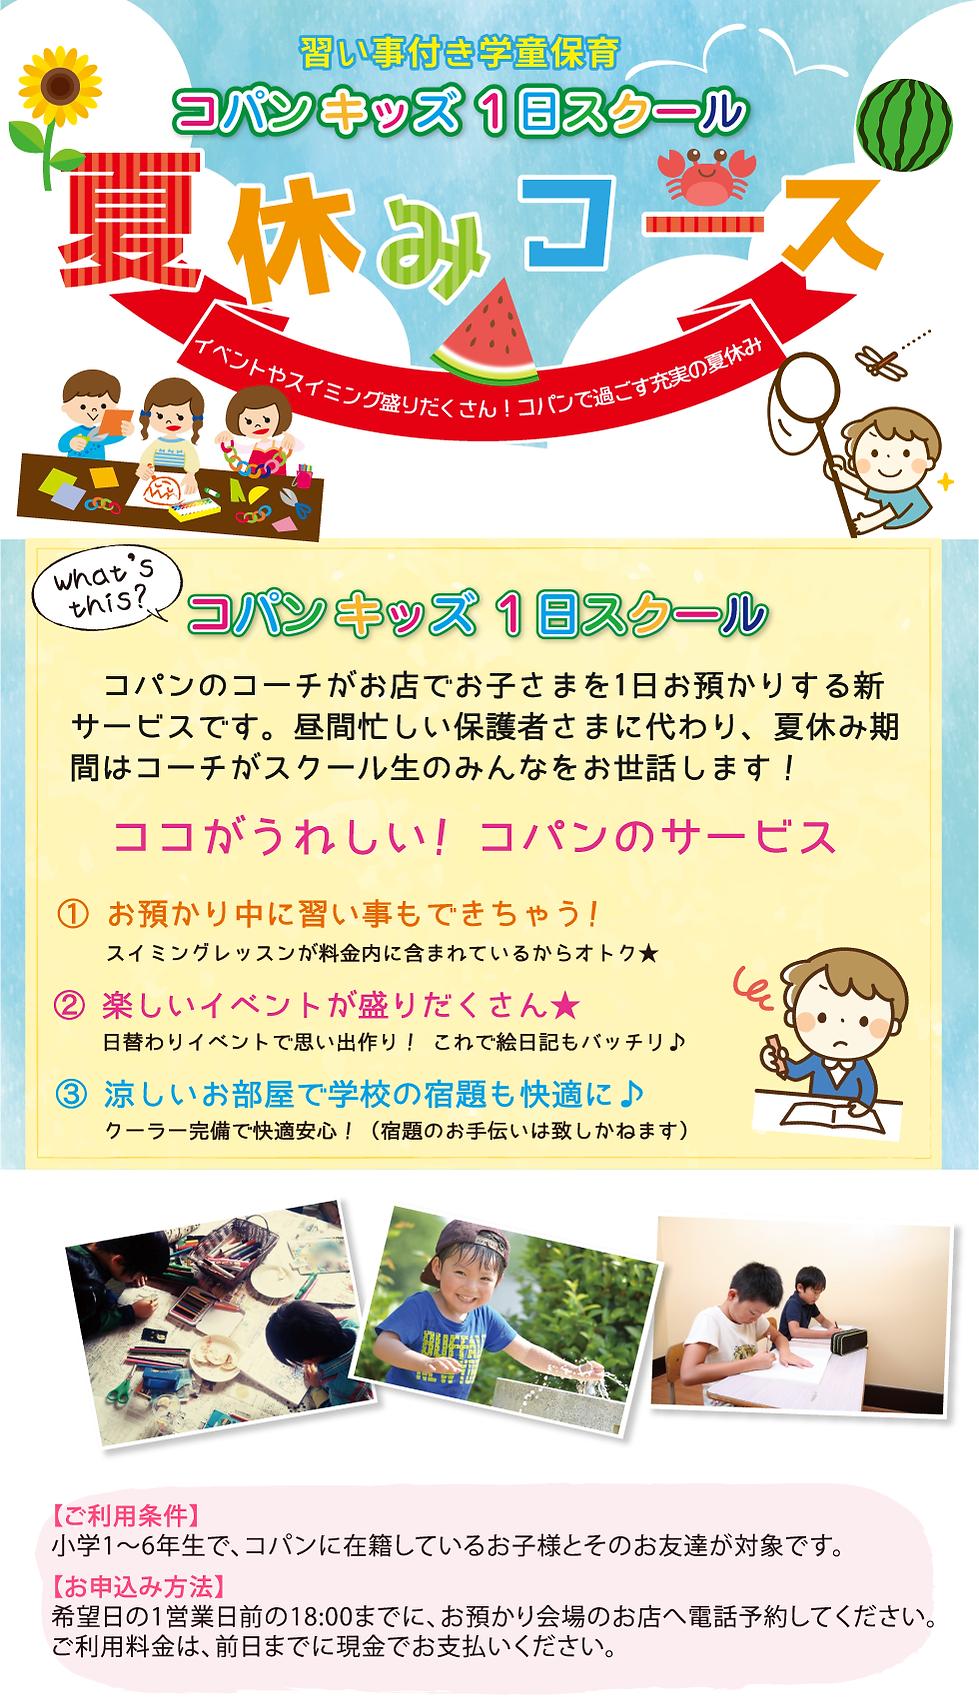 コパン1日スクールWEB新着・wix(夏休み).png